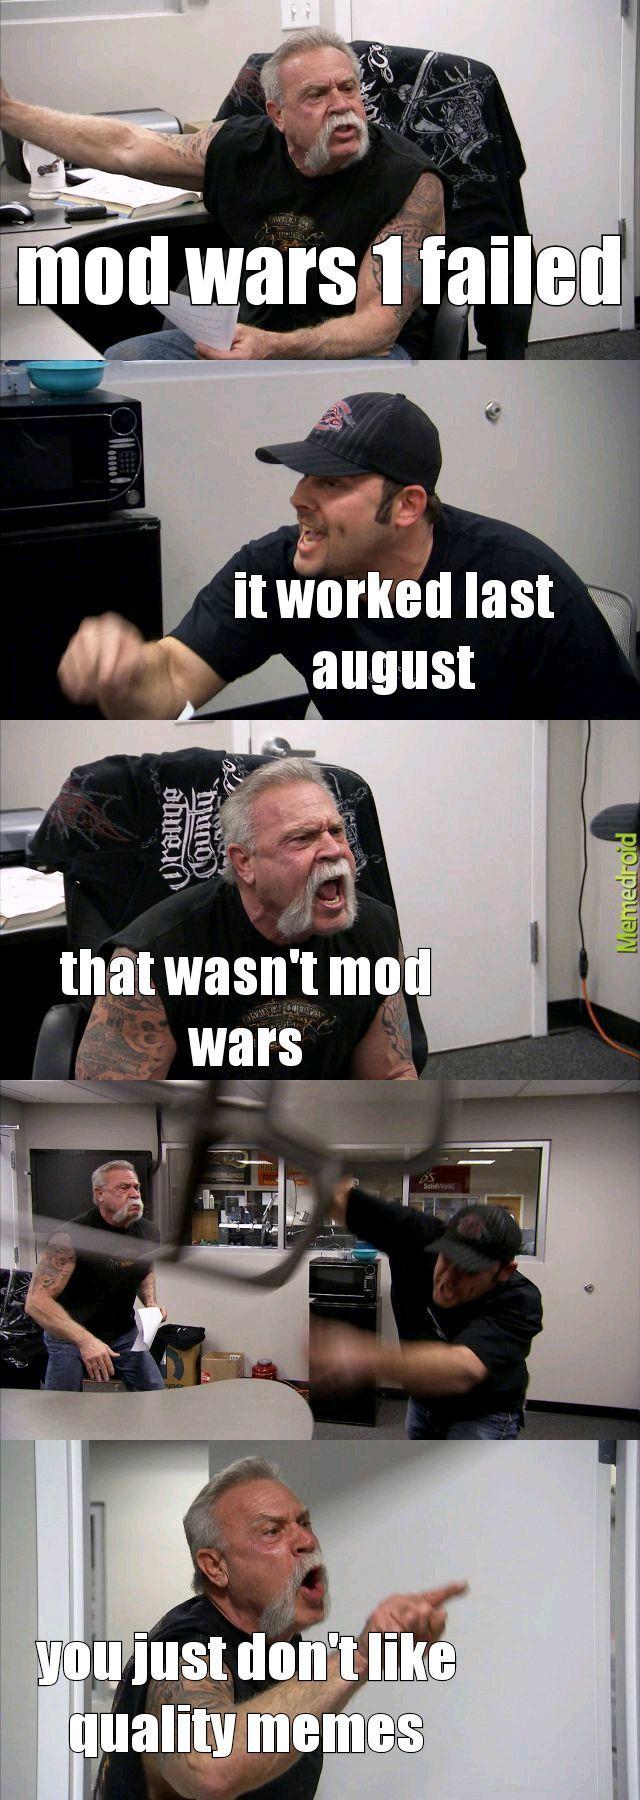 remember remember something august - meme